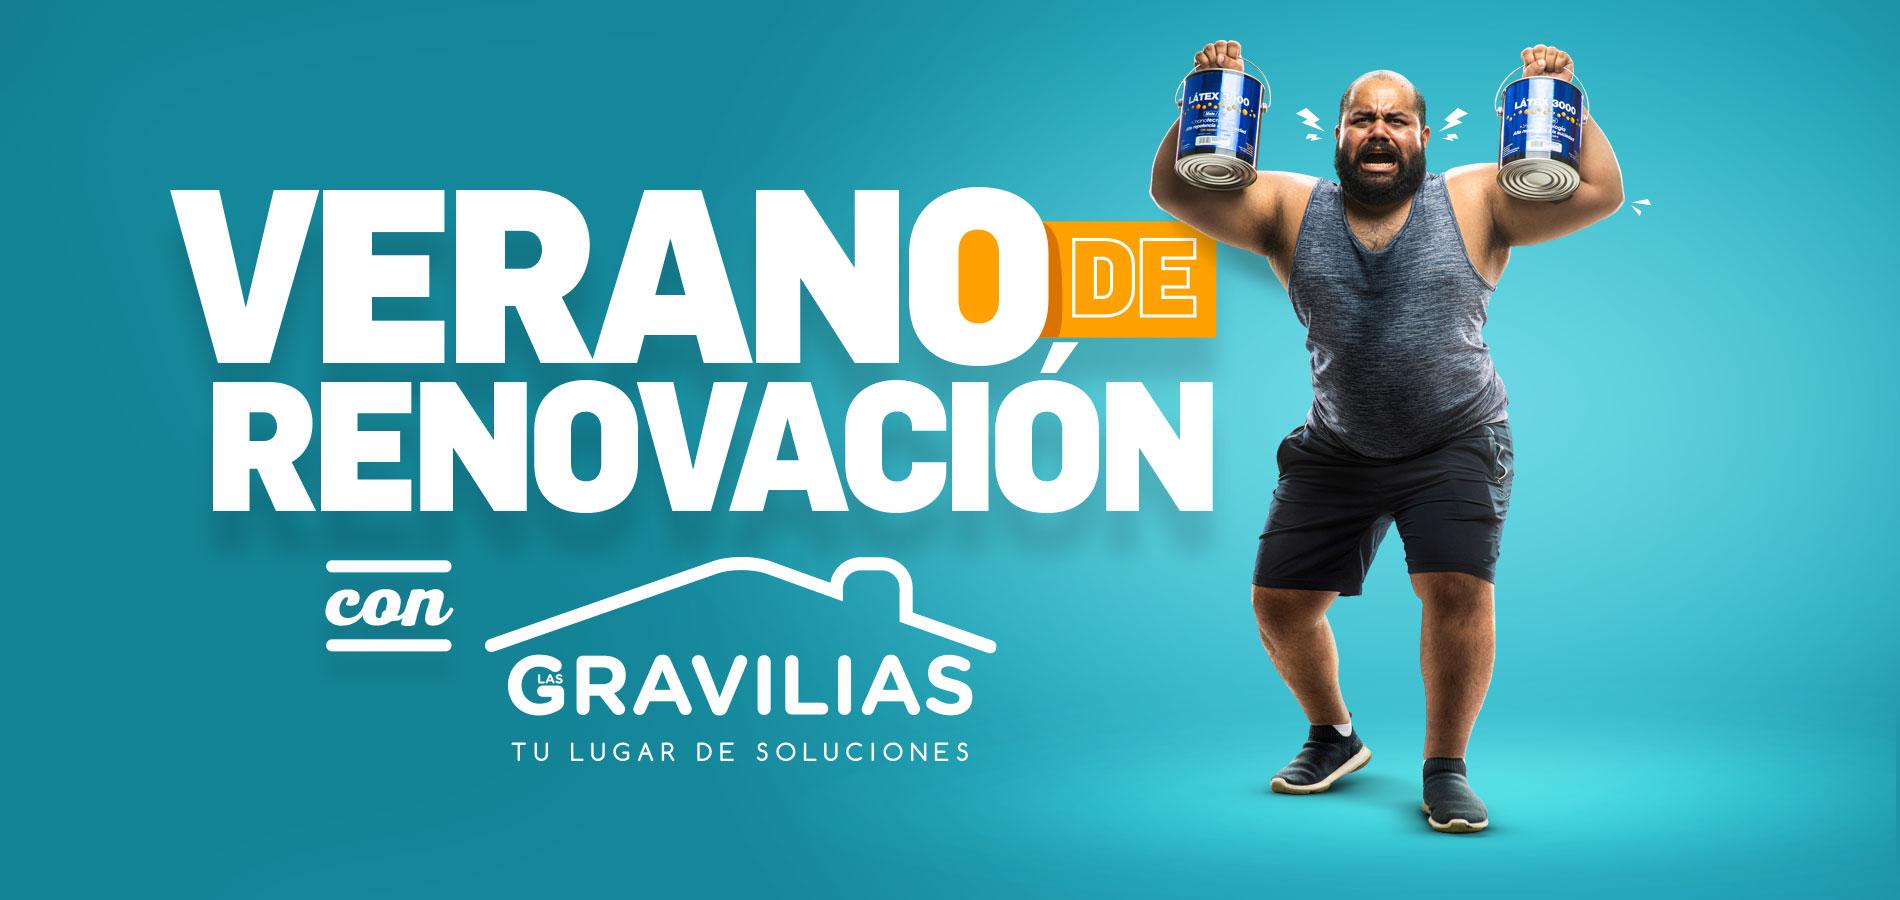 Verano de renovación con los artículos para el hogar y construcción - Ferretería Las Gravilias